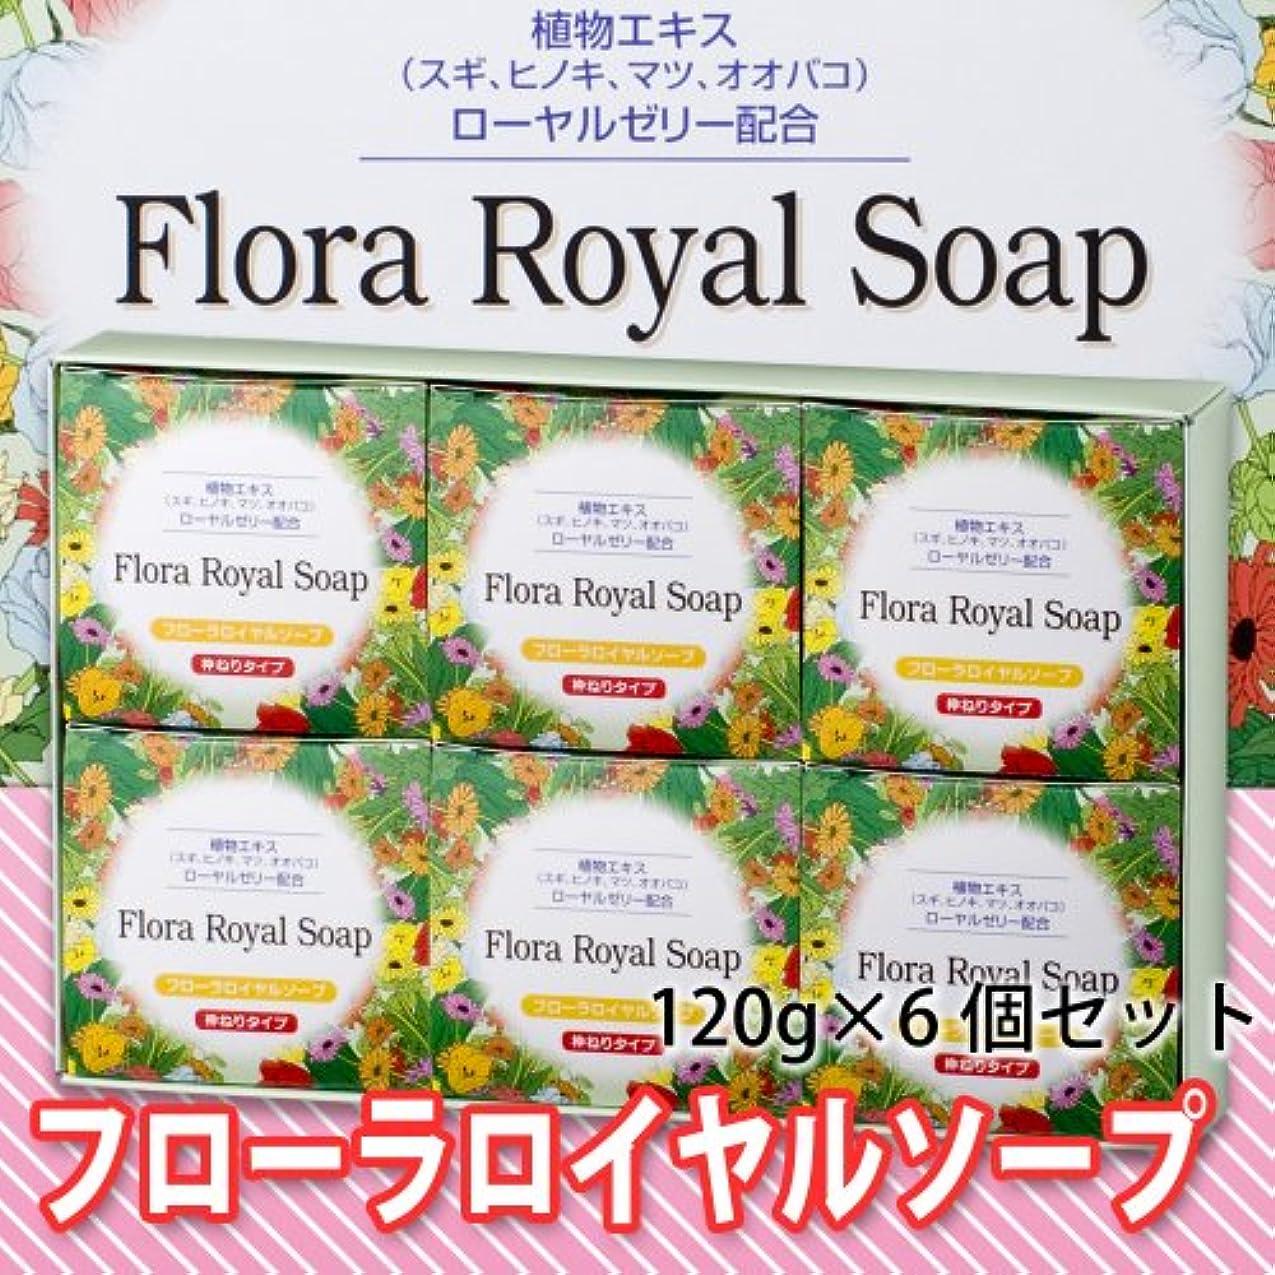 【純正品】フローラロイヤルソープ6個セット